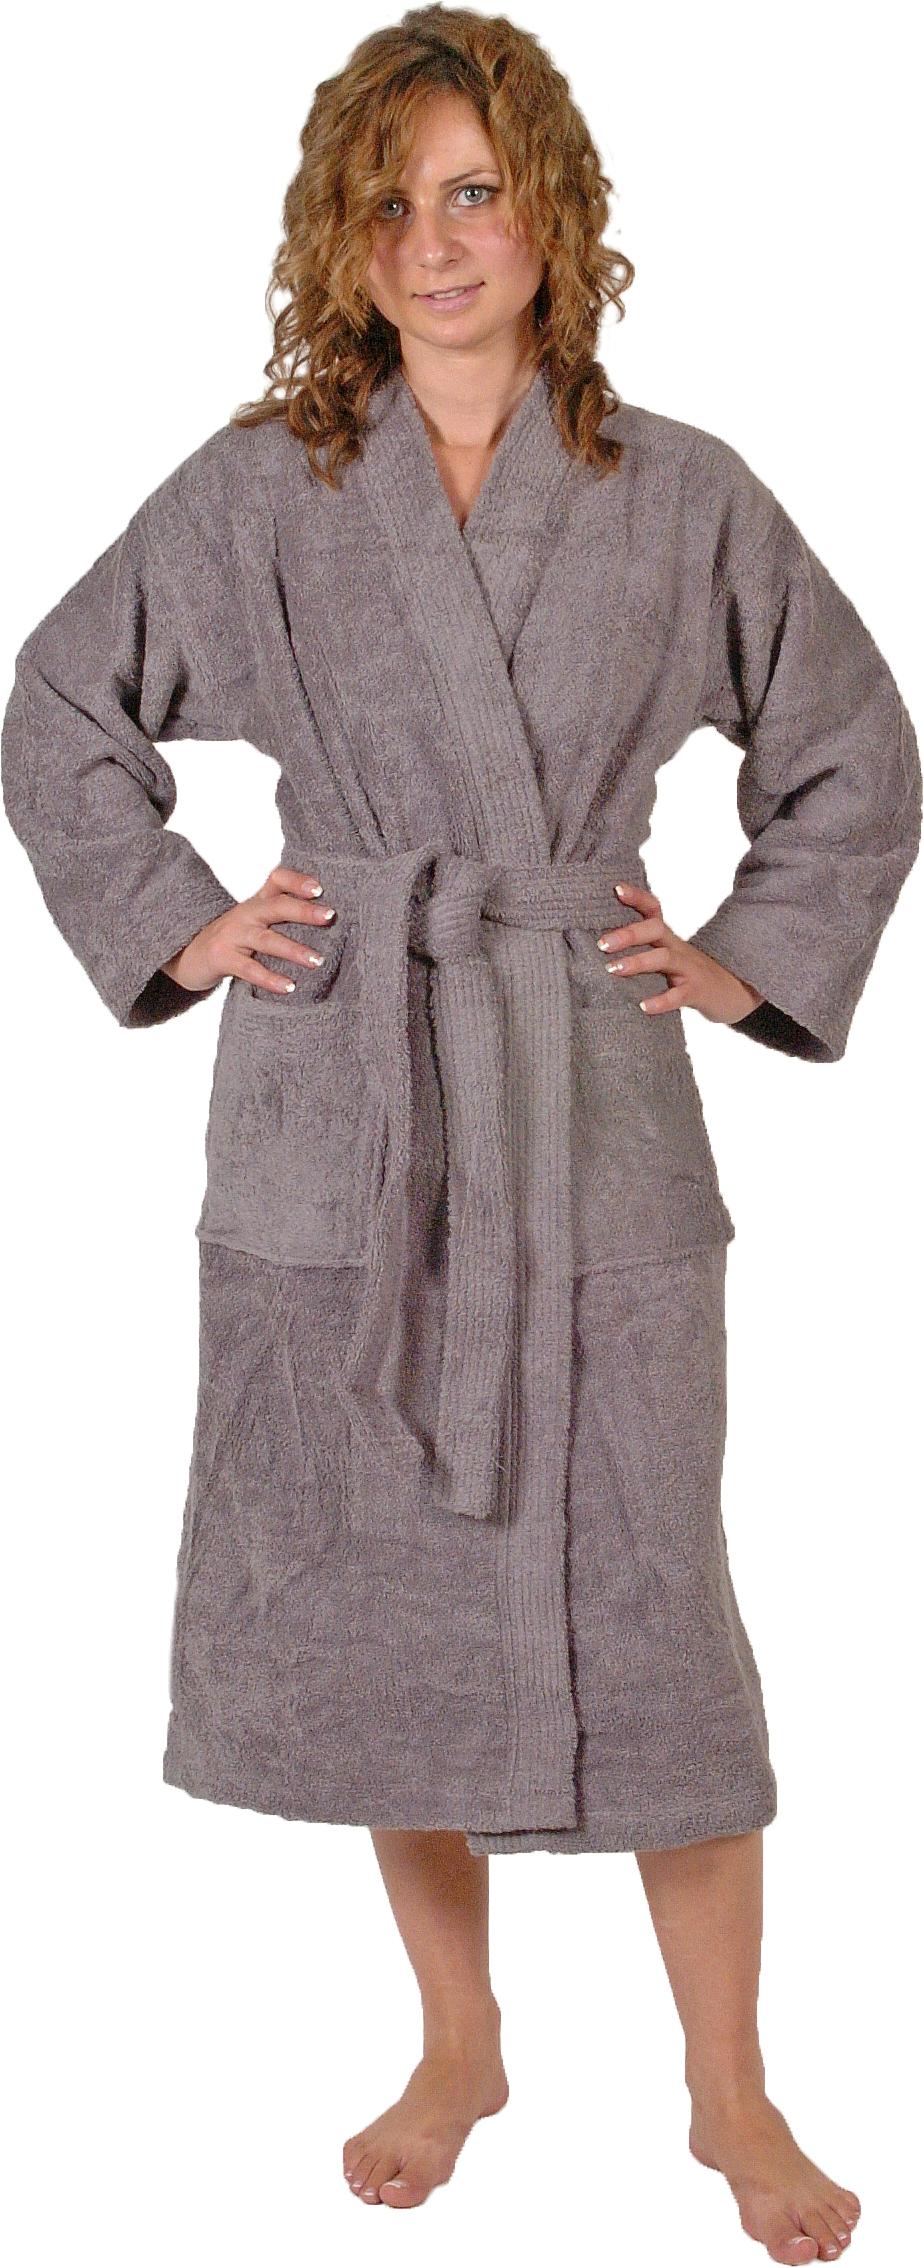 Peignoir col kimono en Coton couleur Silver grey Taille S (Silver Grey)